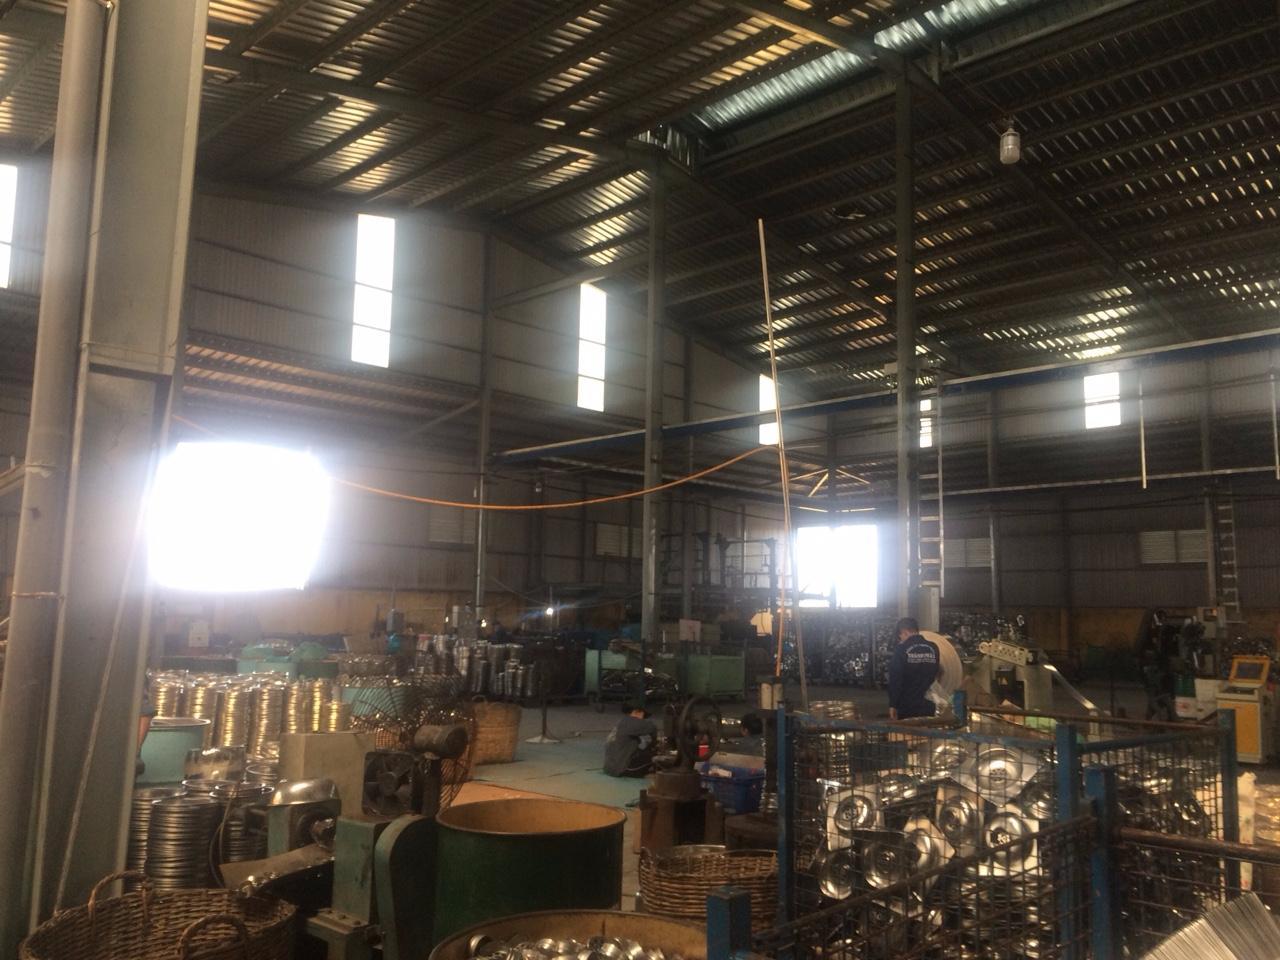 Kết quả hình ảnh cho  nhà máy, kho, xưởng hàng hóa nhiều.